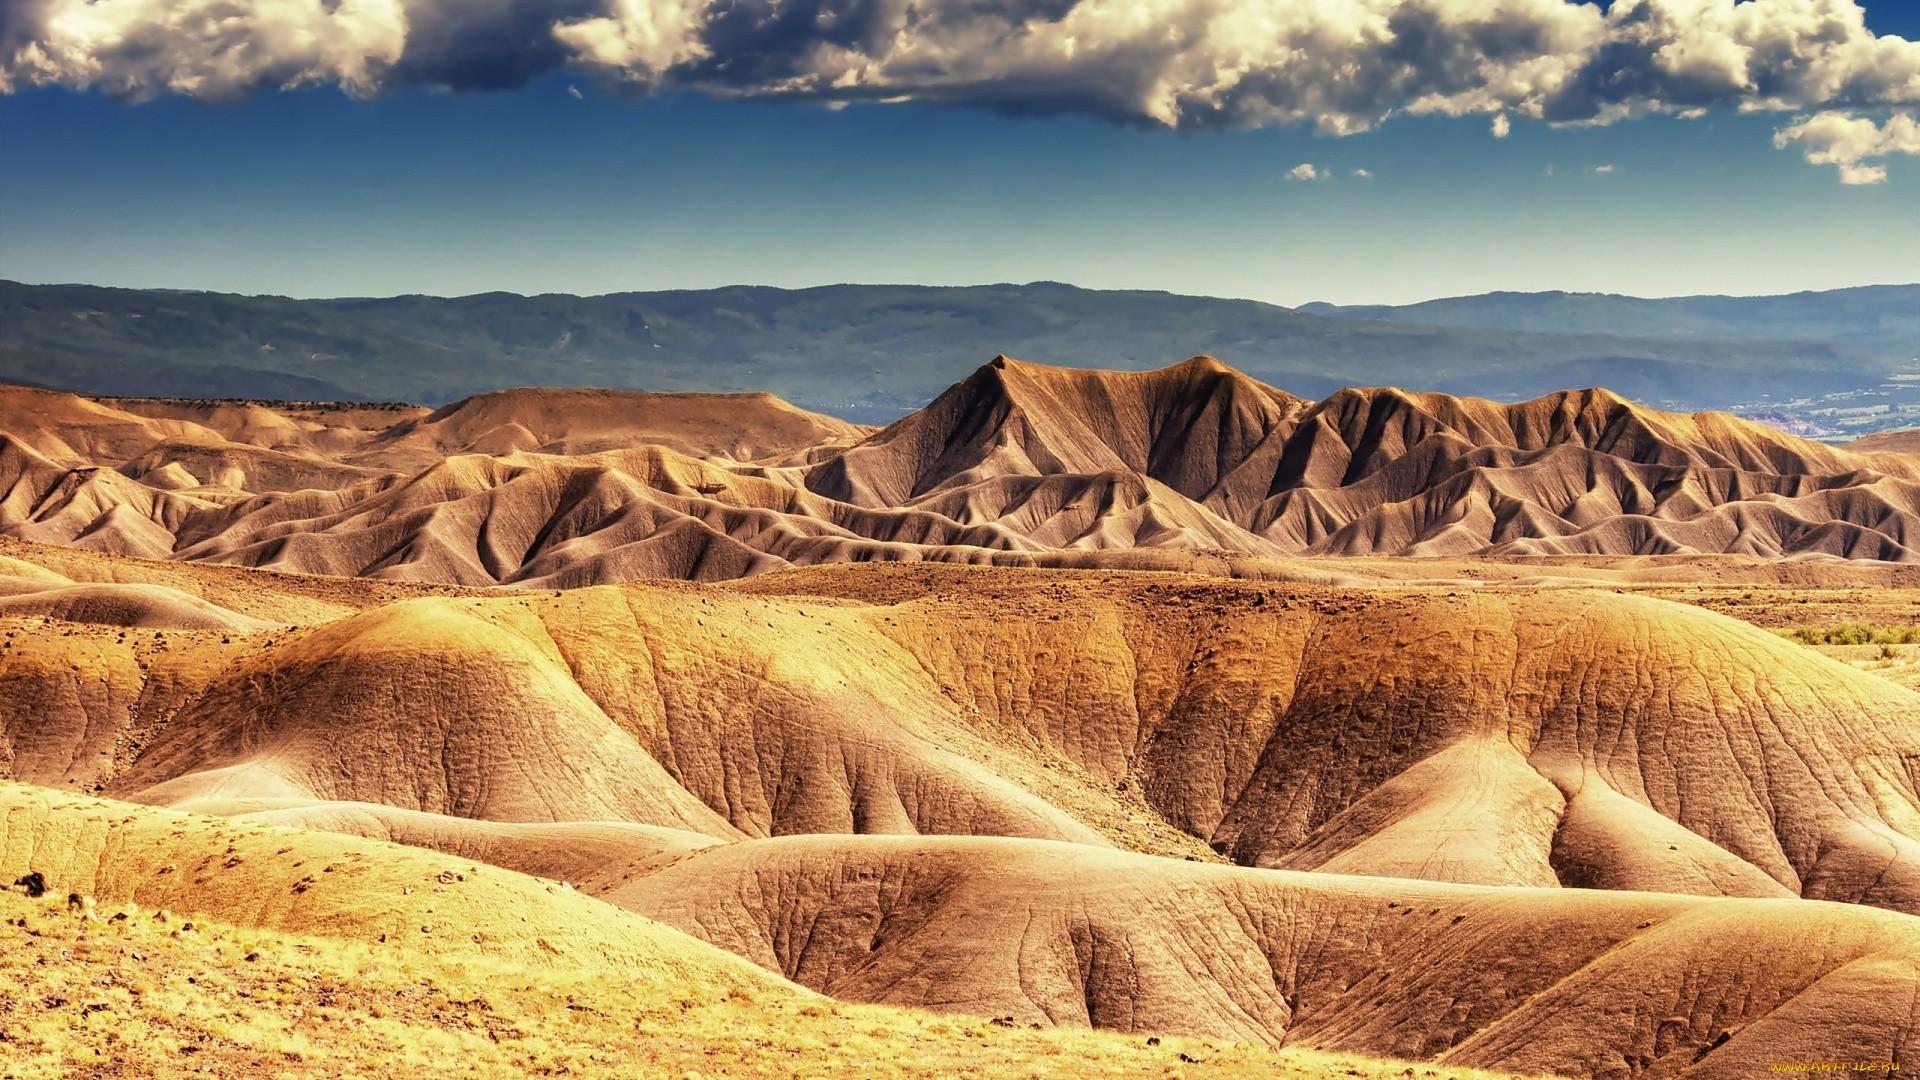 Desert Wallpaper image hd